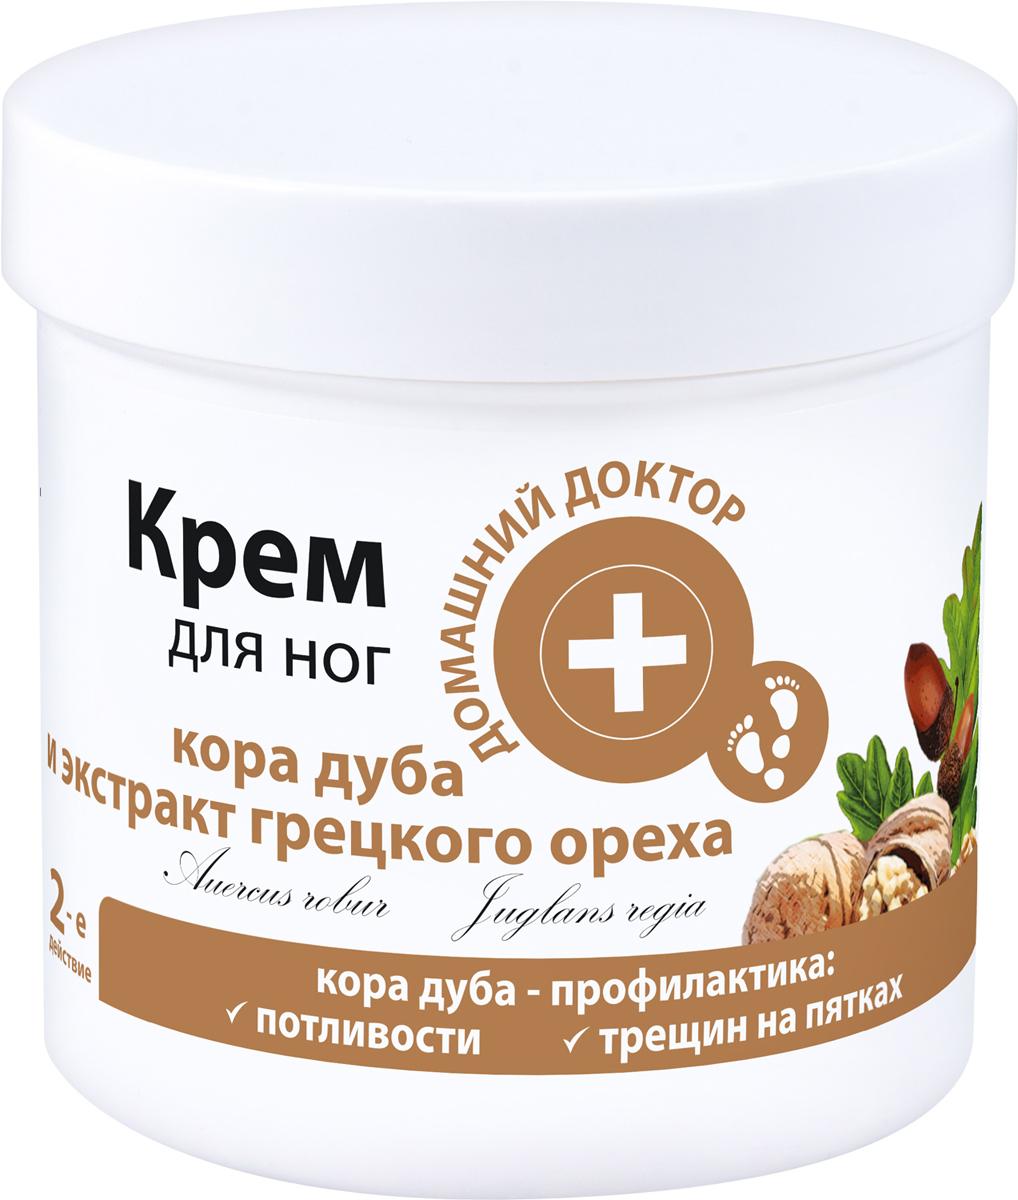 Домашний Доктор Крем для ног Кора дуба и экстракт грецких орехов, профилактика трещин на пятках, 250 мл